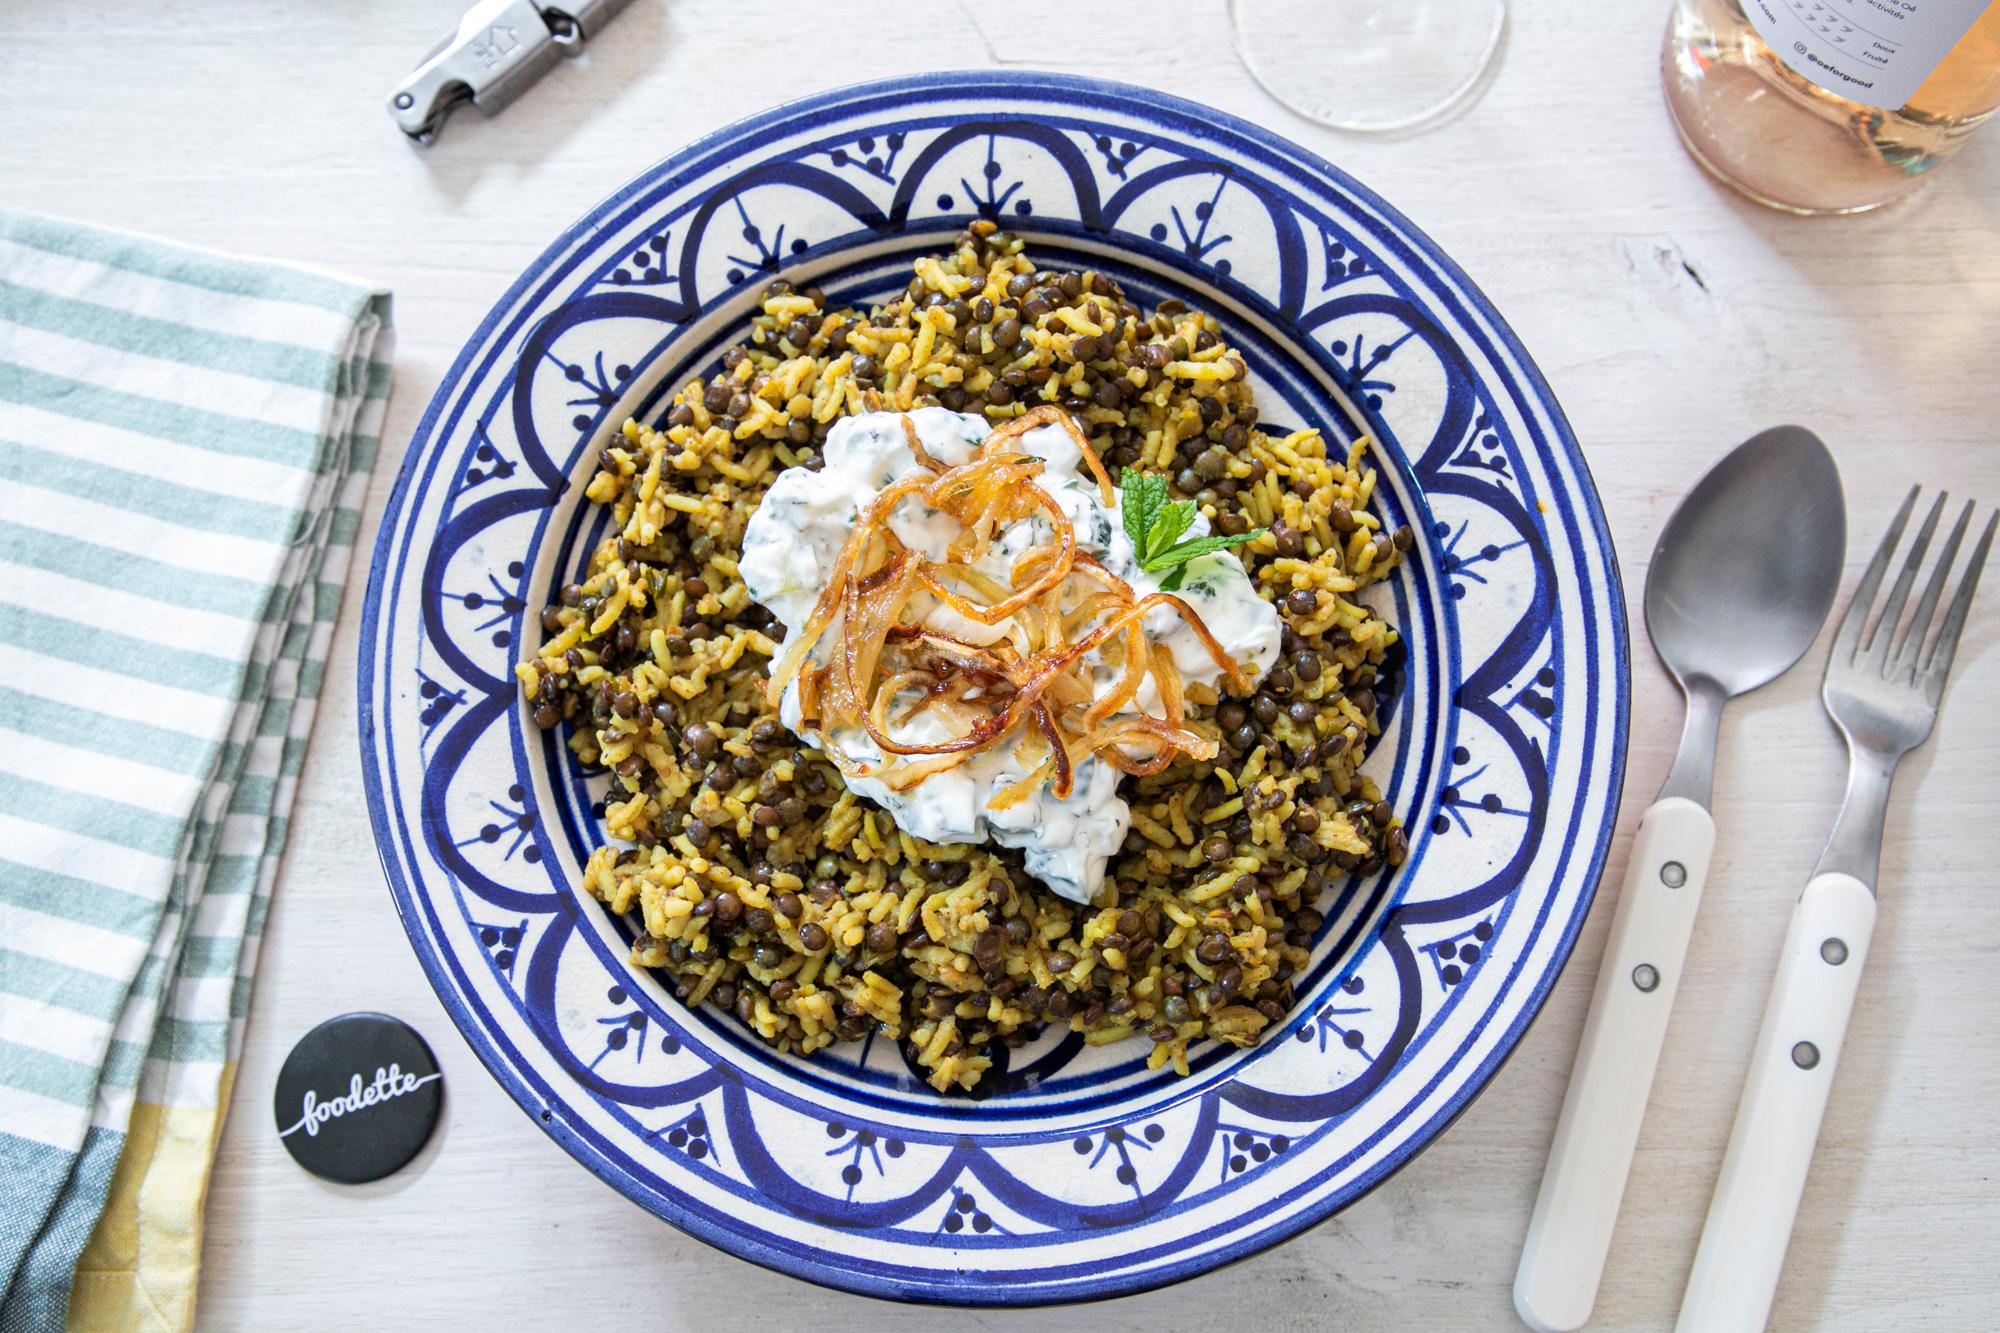 Lentilles à l'égyptienne et tzatziki maison